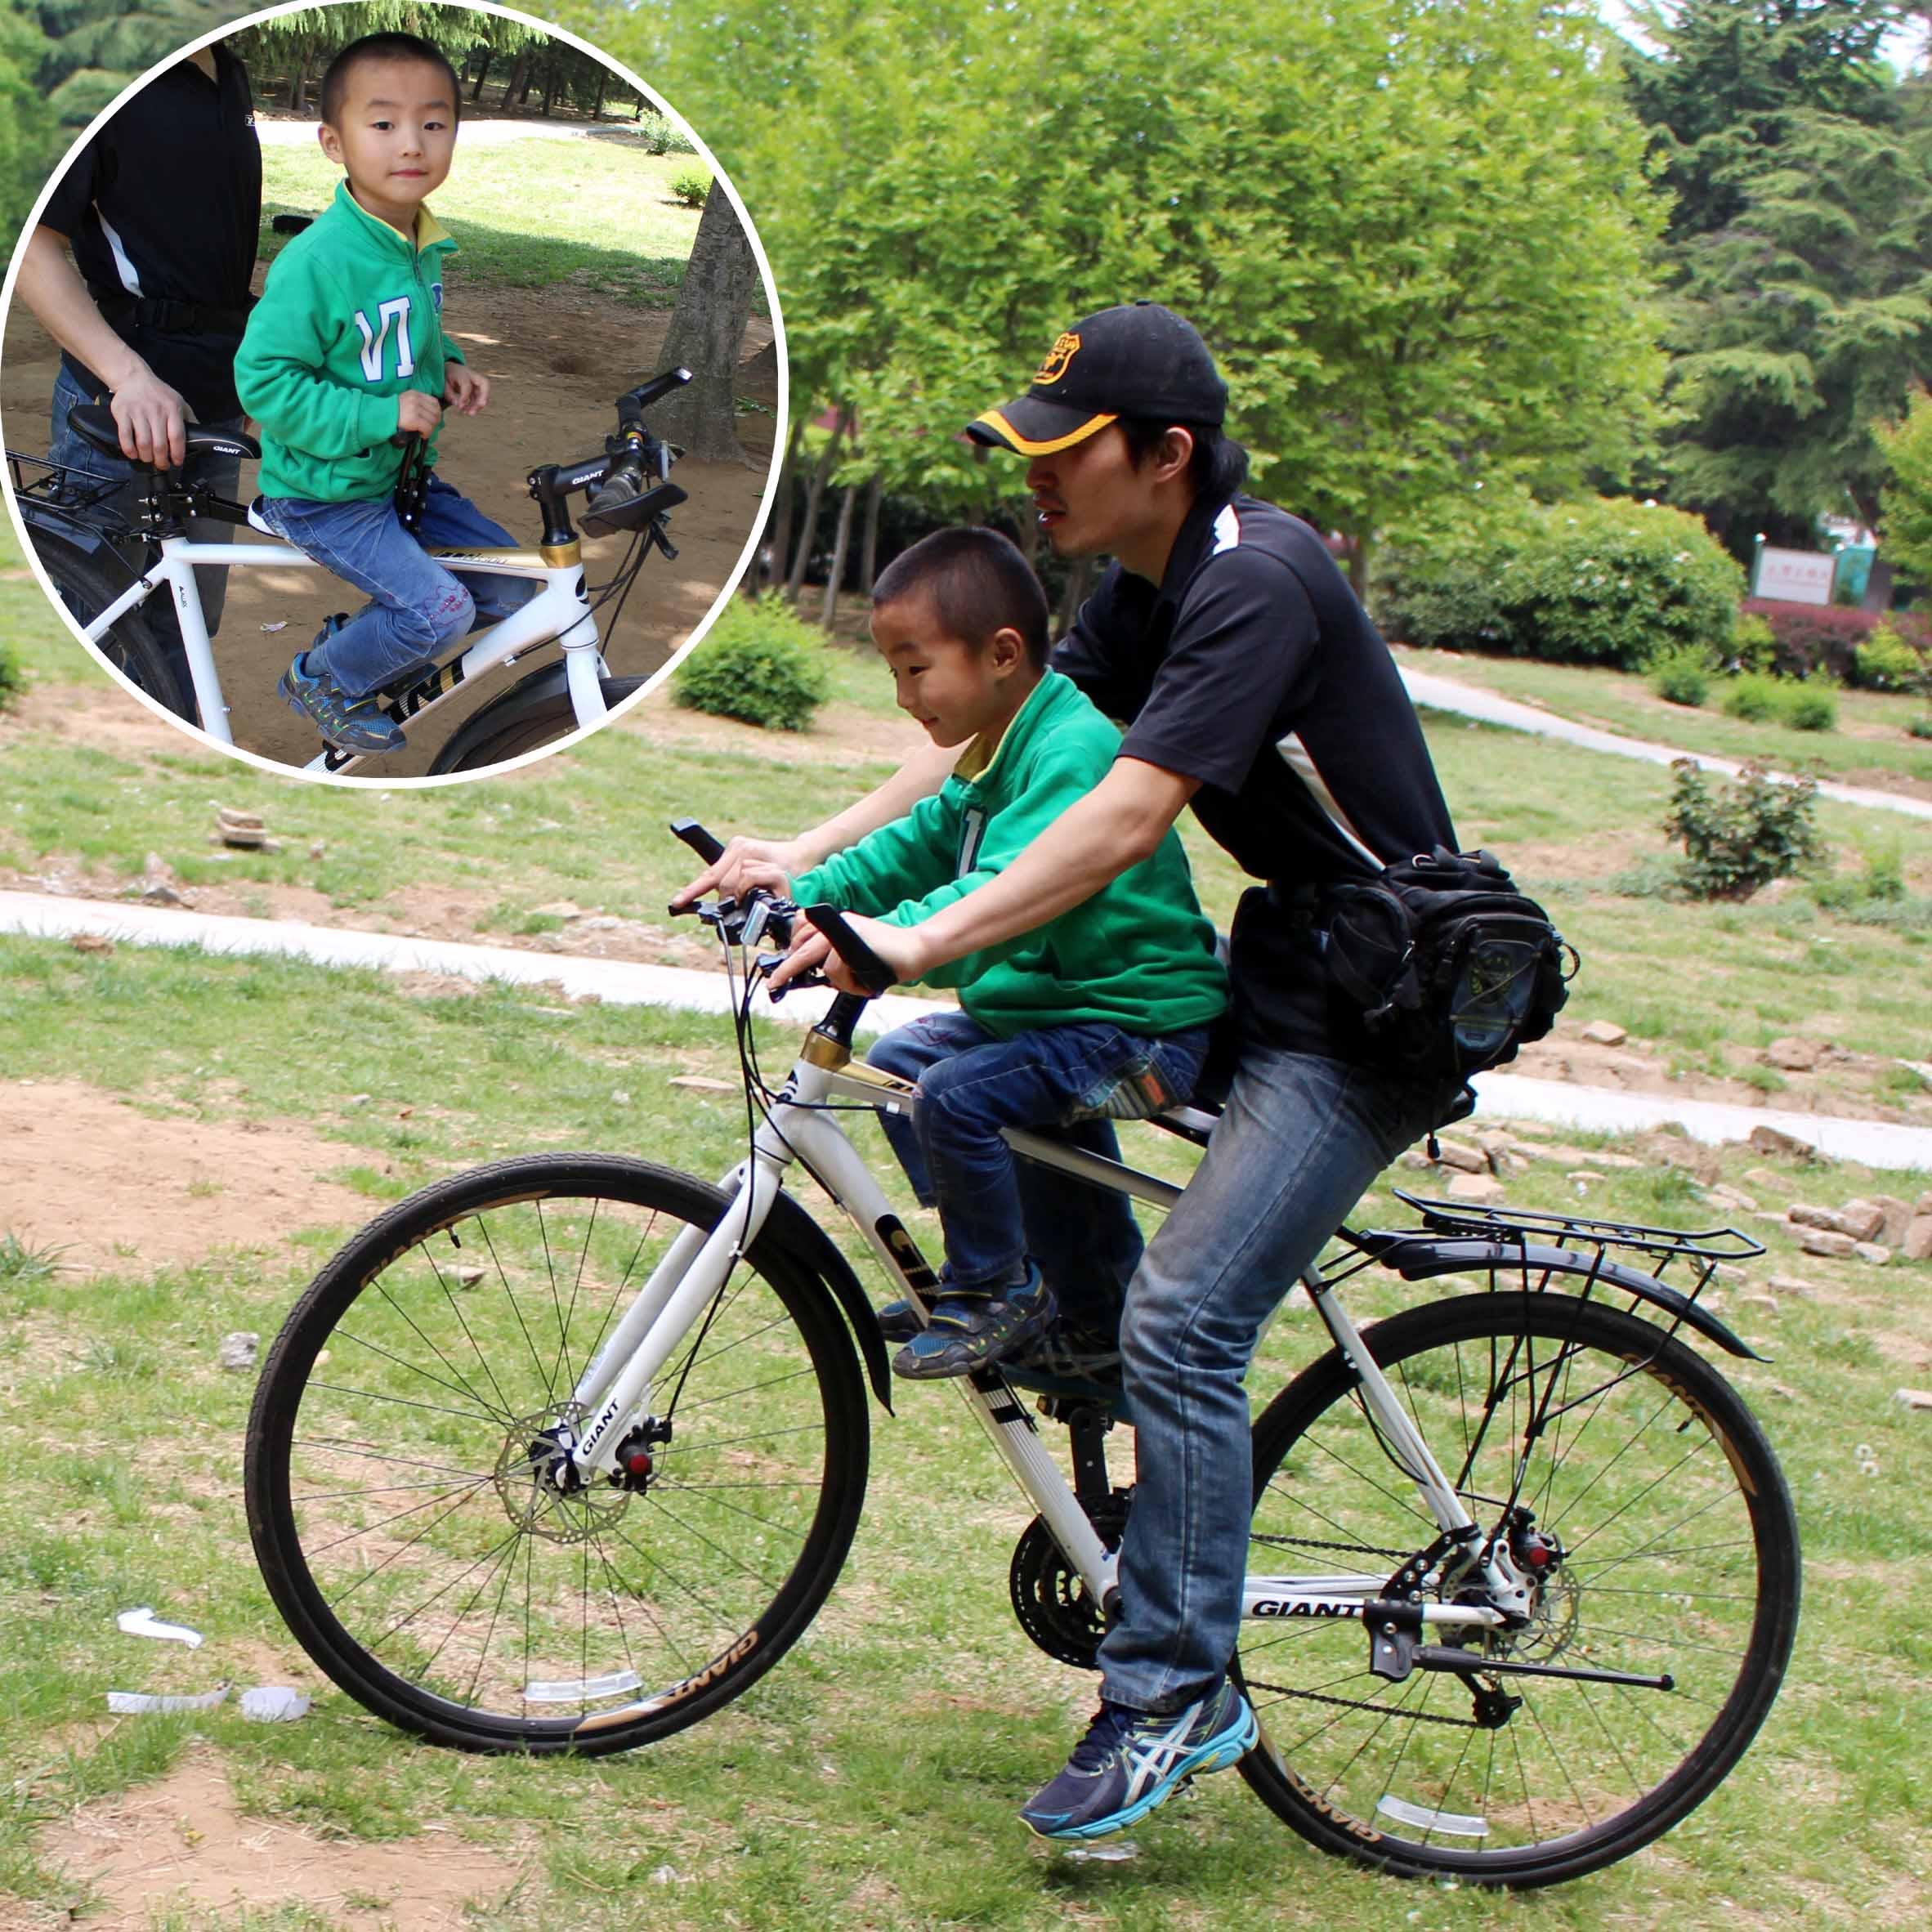 Сиденье для перевозки ребенка на велосипеде своими руками